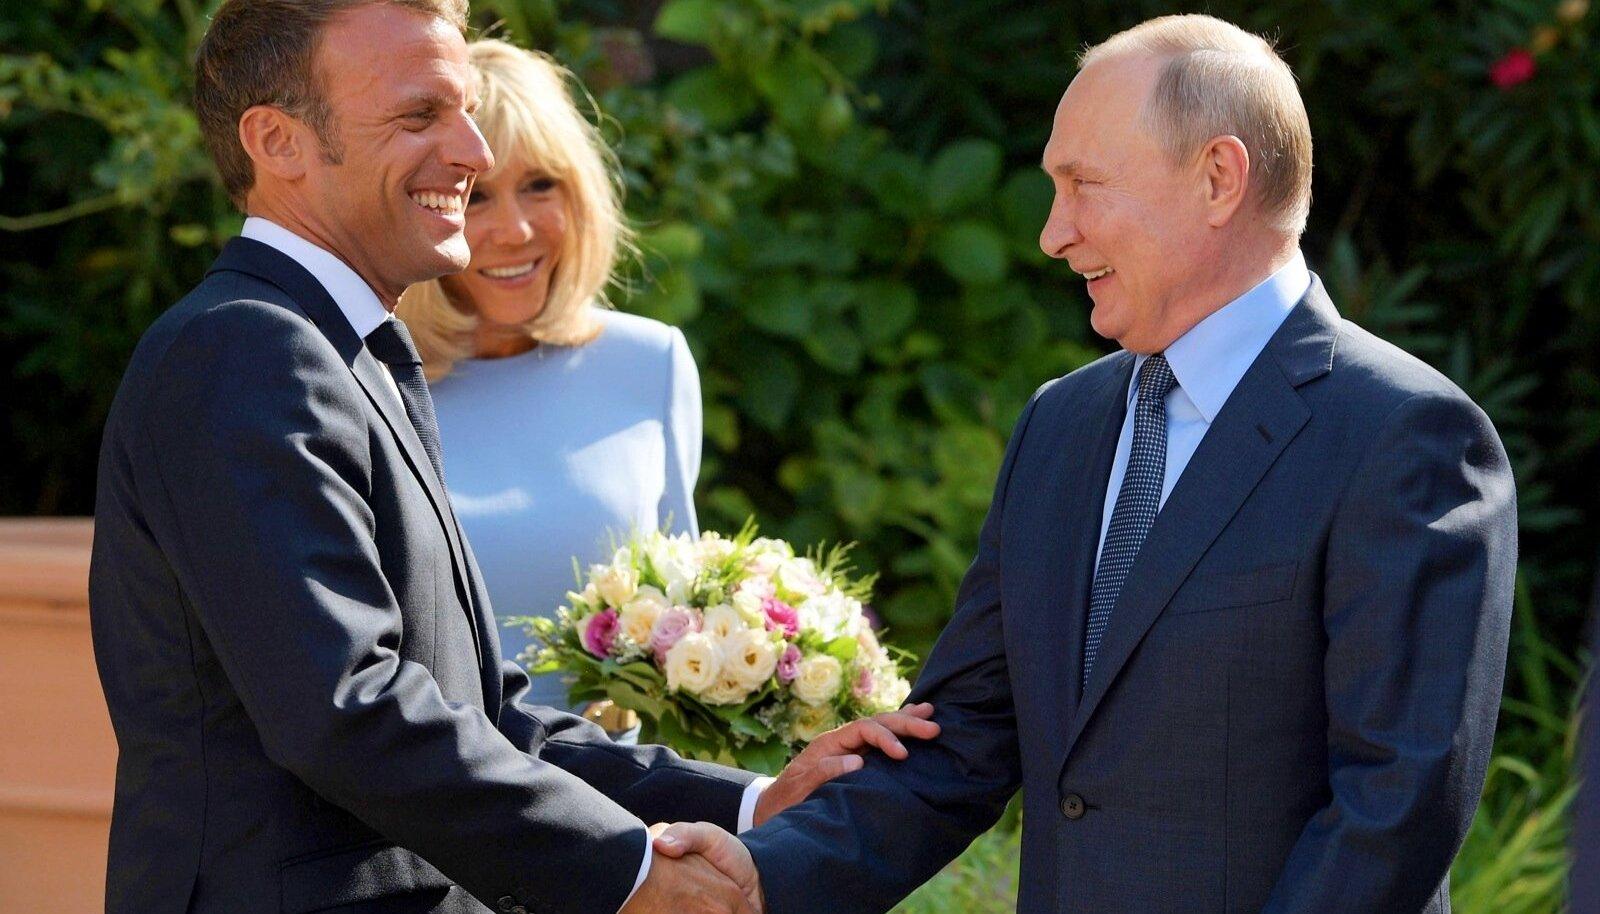 VIVE LA RUSSIE: Südamlik käepigistus Brégançoni residentsis 19. augustil enne seda, kui president Macron tõttas Biarritzi G7 kohtumisele. Putin ulatas tõelise džentelmenina Brigitte Macronile lillekimbu. Kohe näha, et eurooplane, mitte mõni hiinlane.